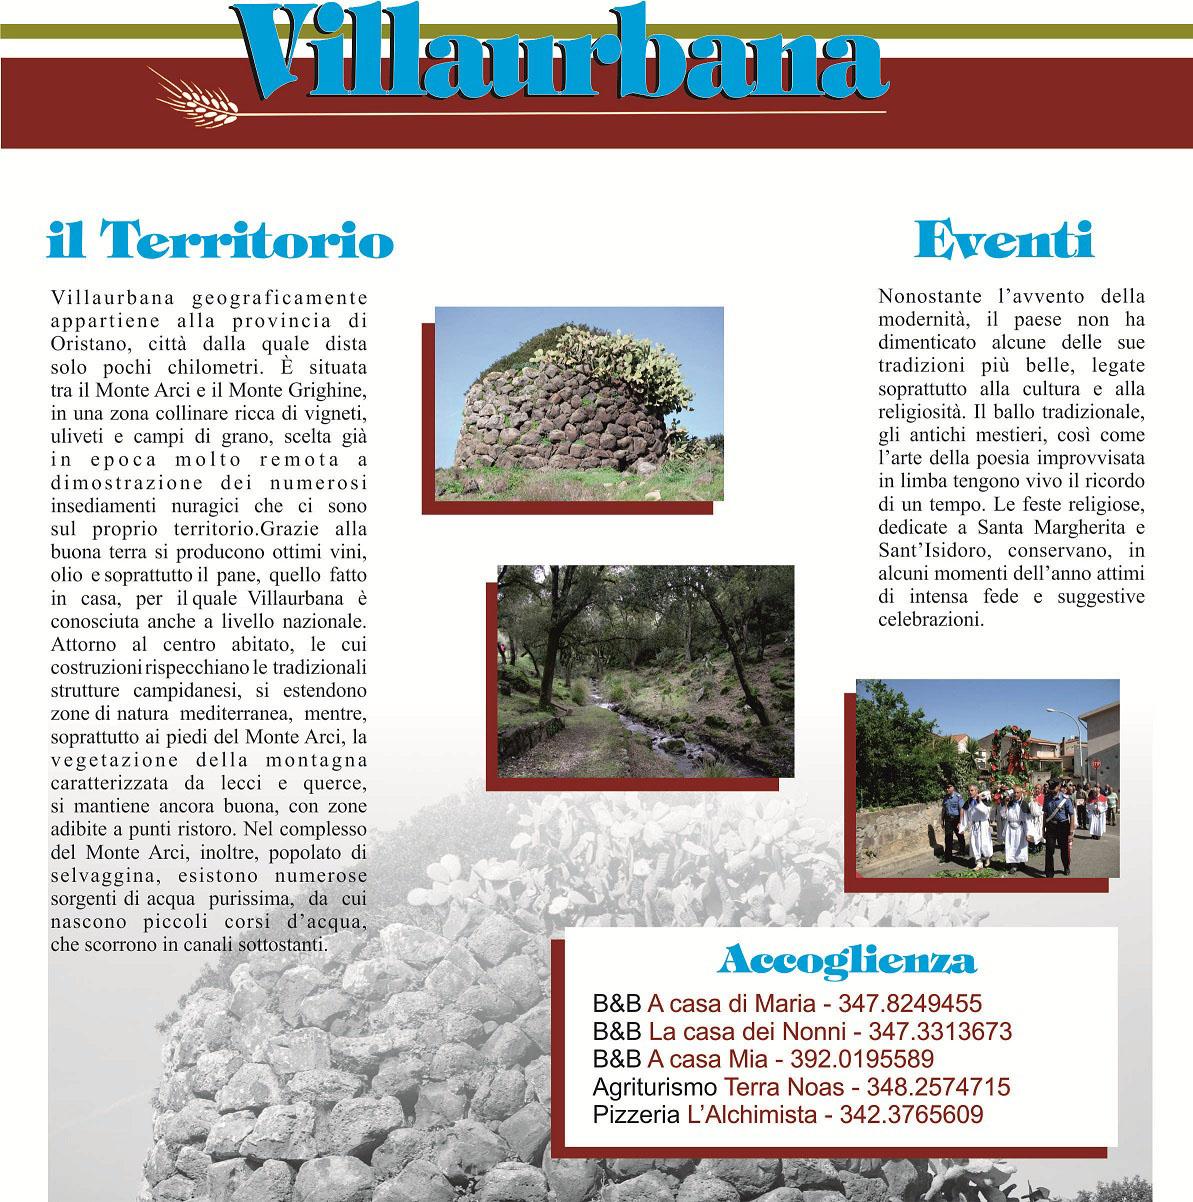 Il Territorio e gli eventi di Villaurbana